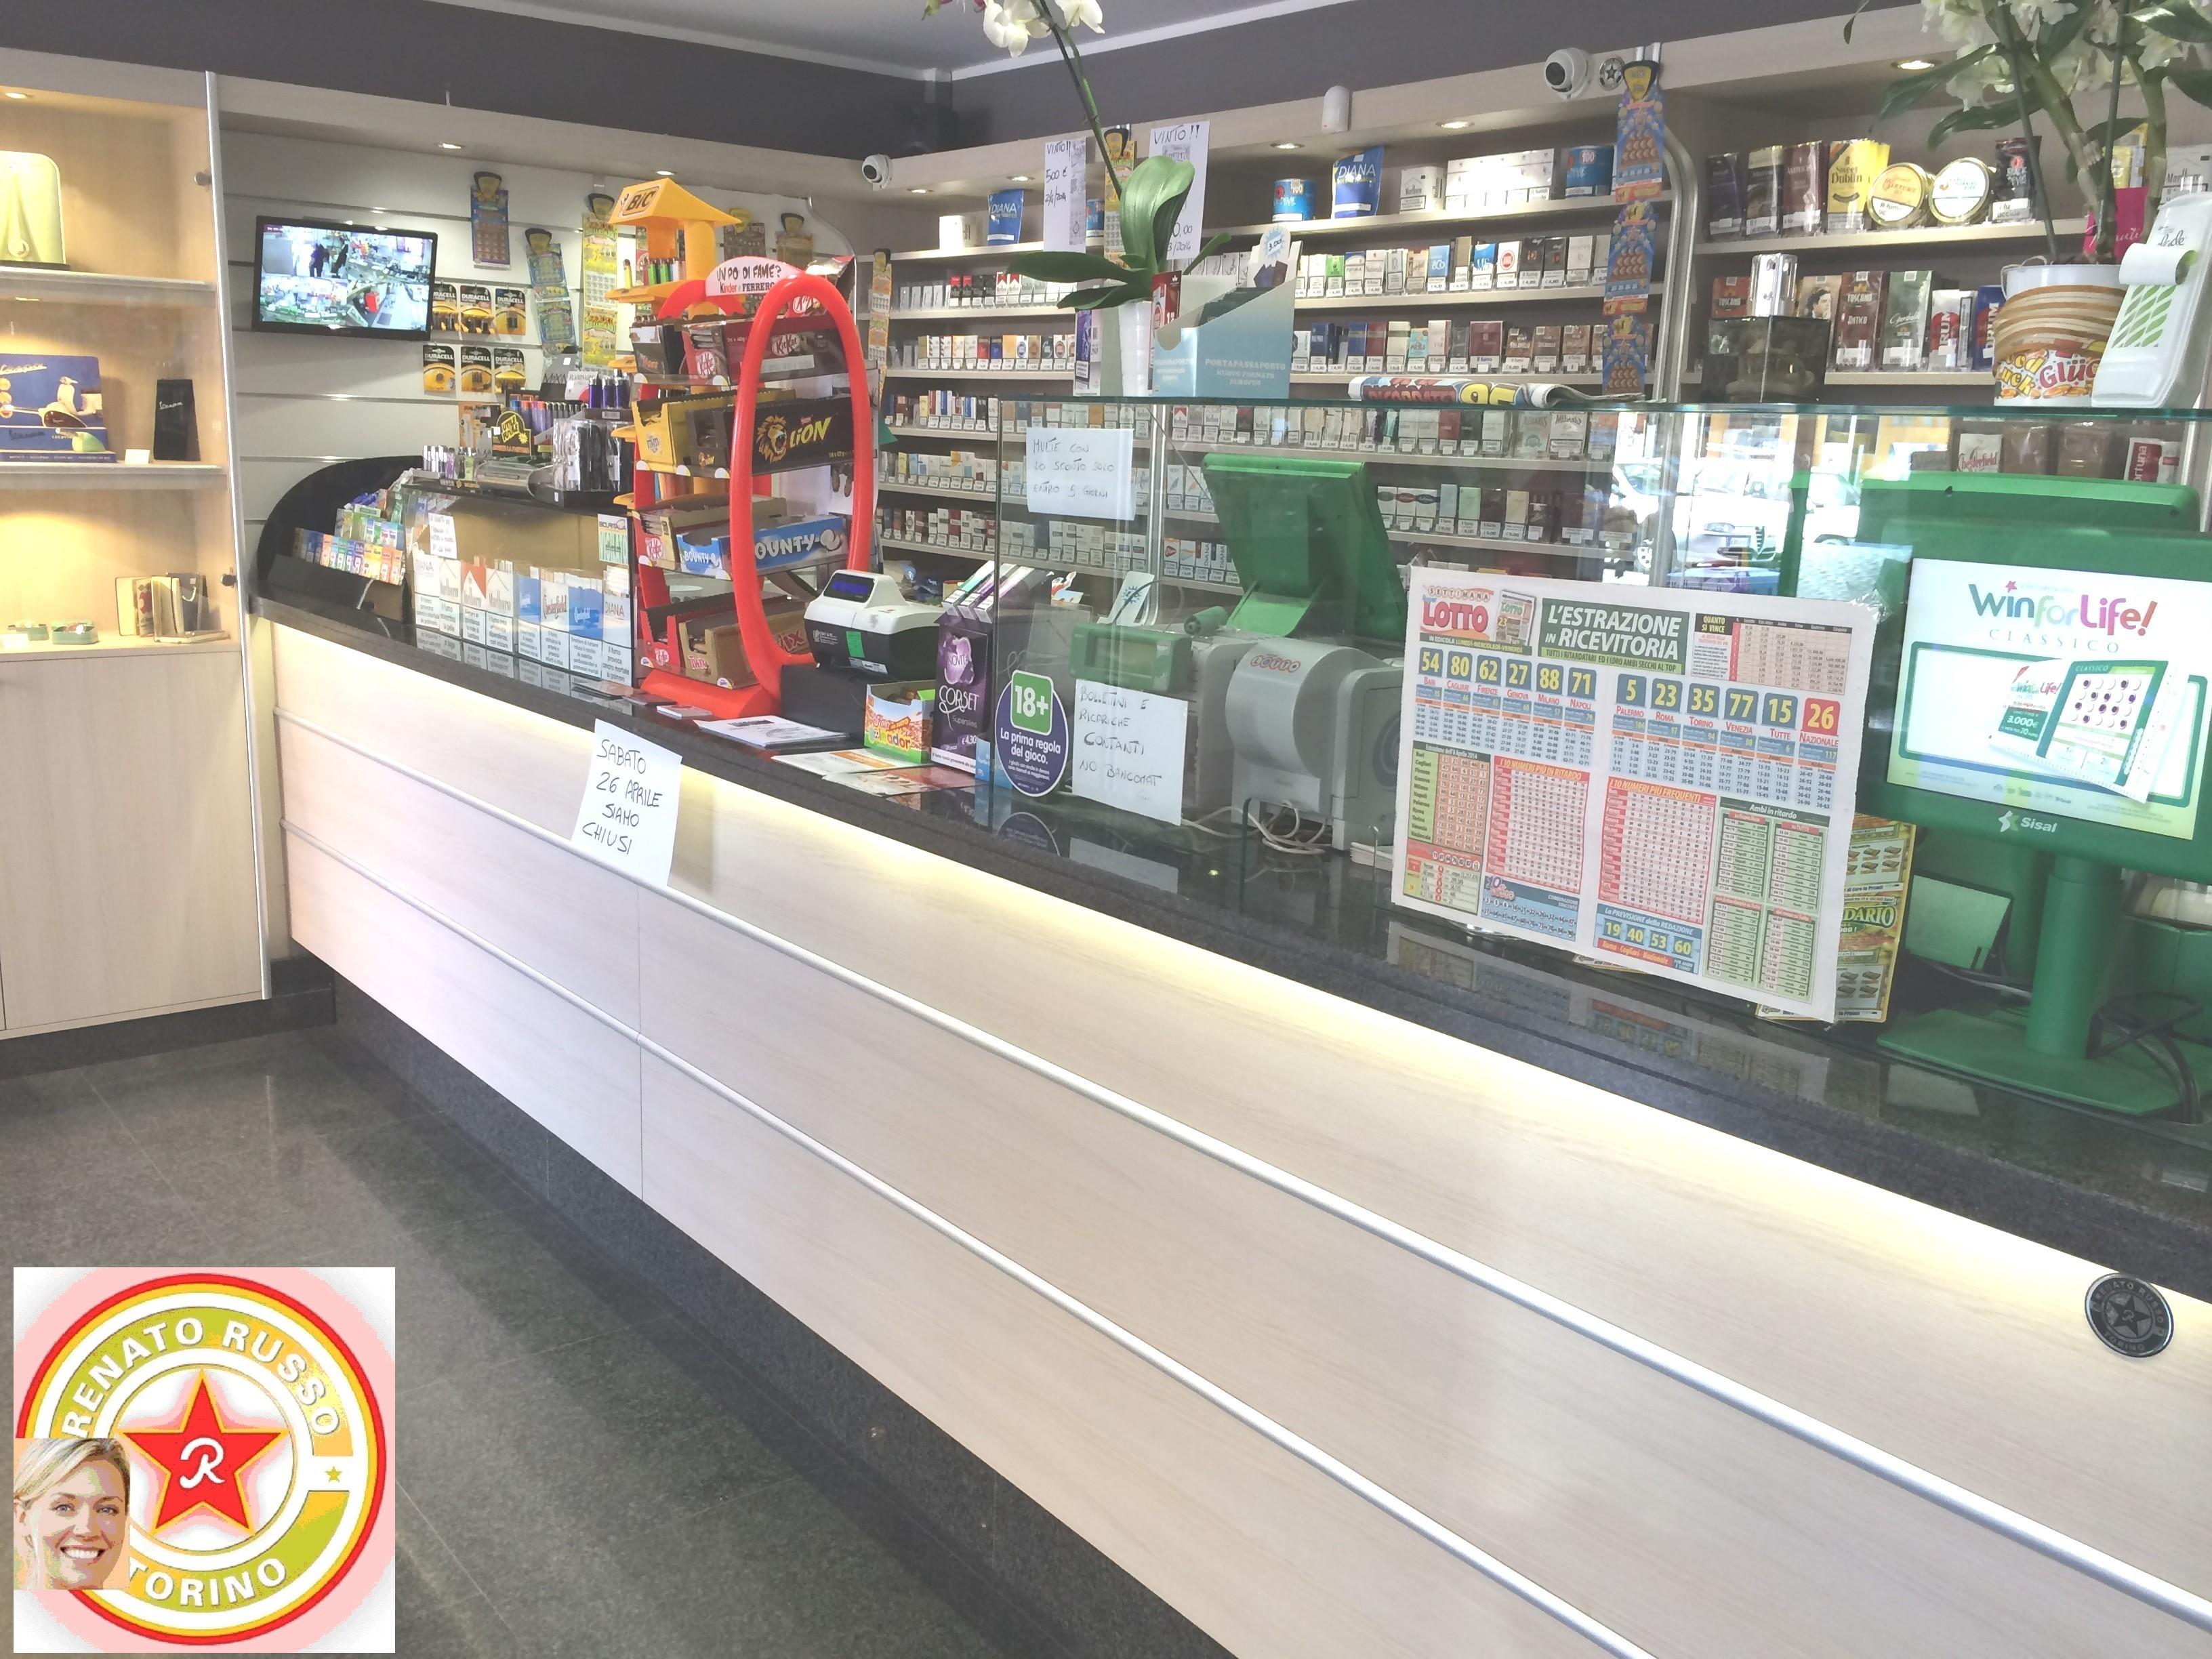 arredamento cagliari e provincia e vendita e arredamenti